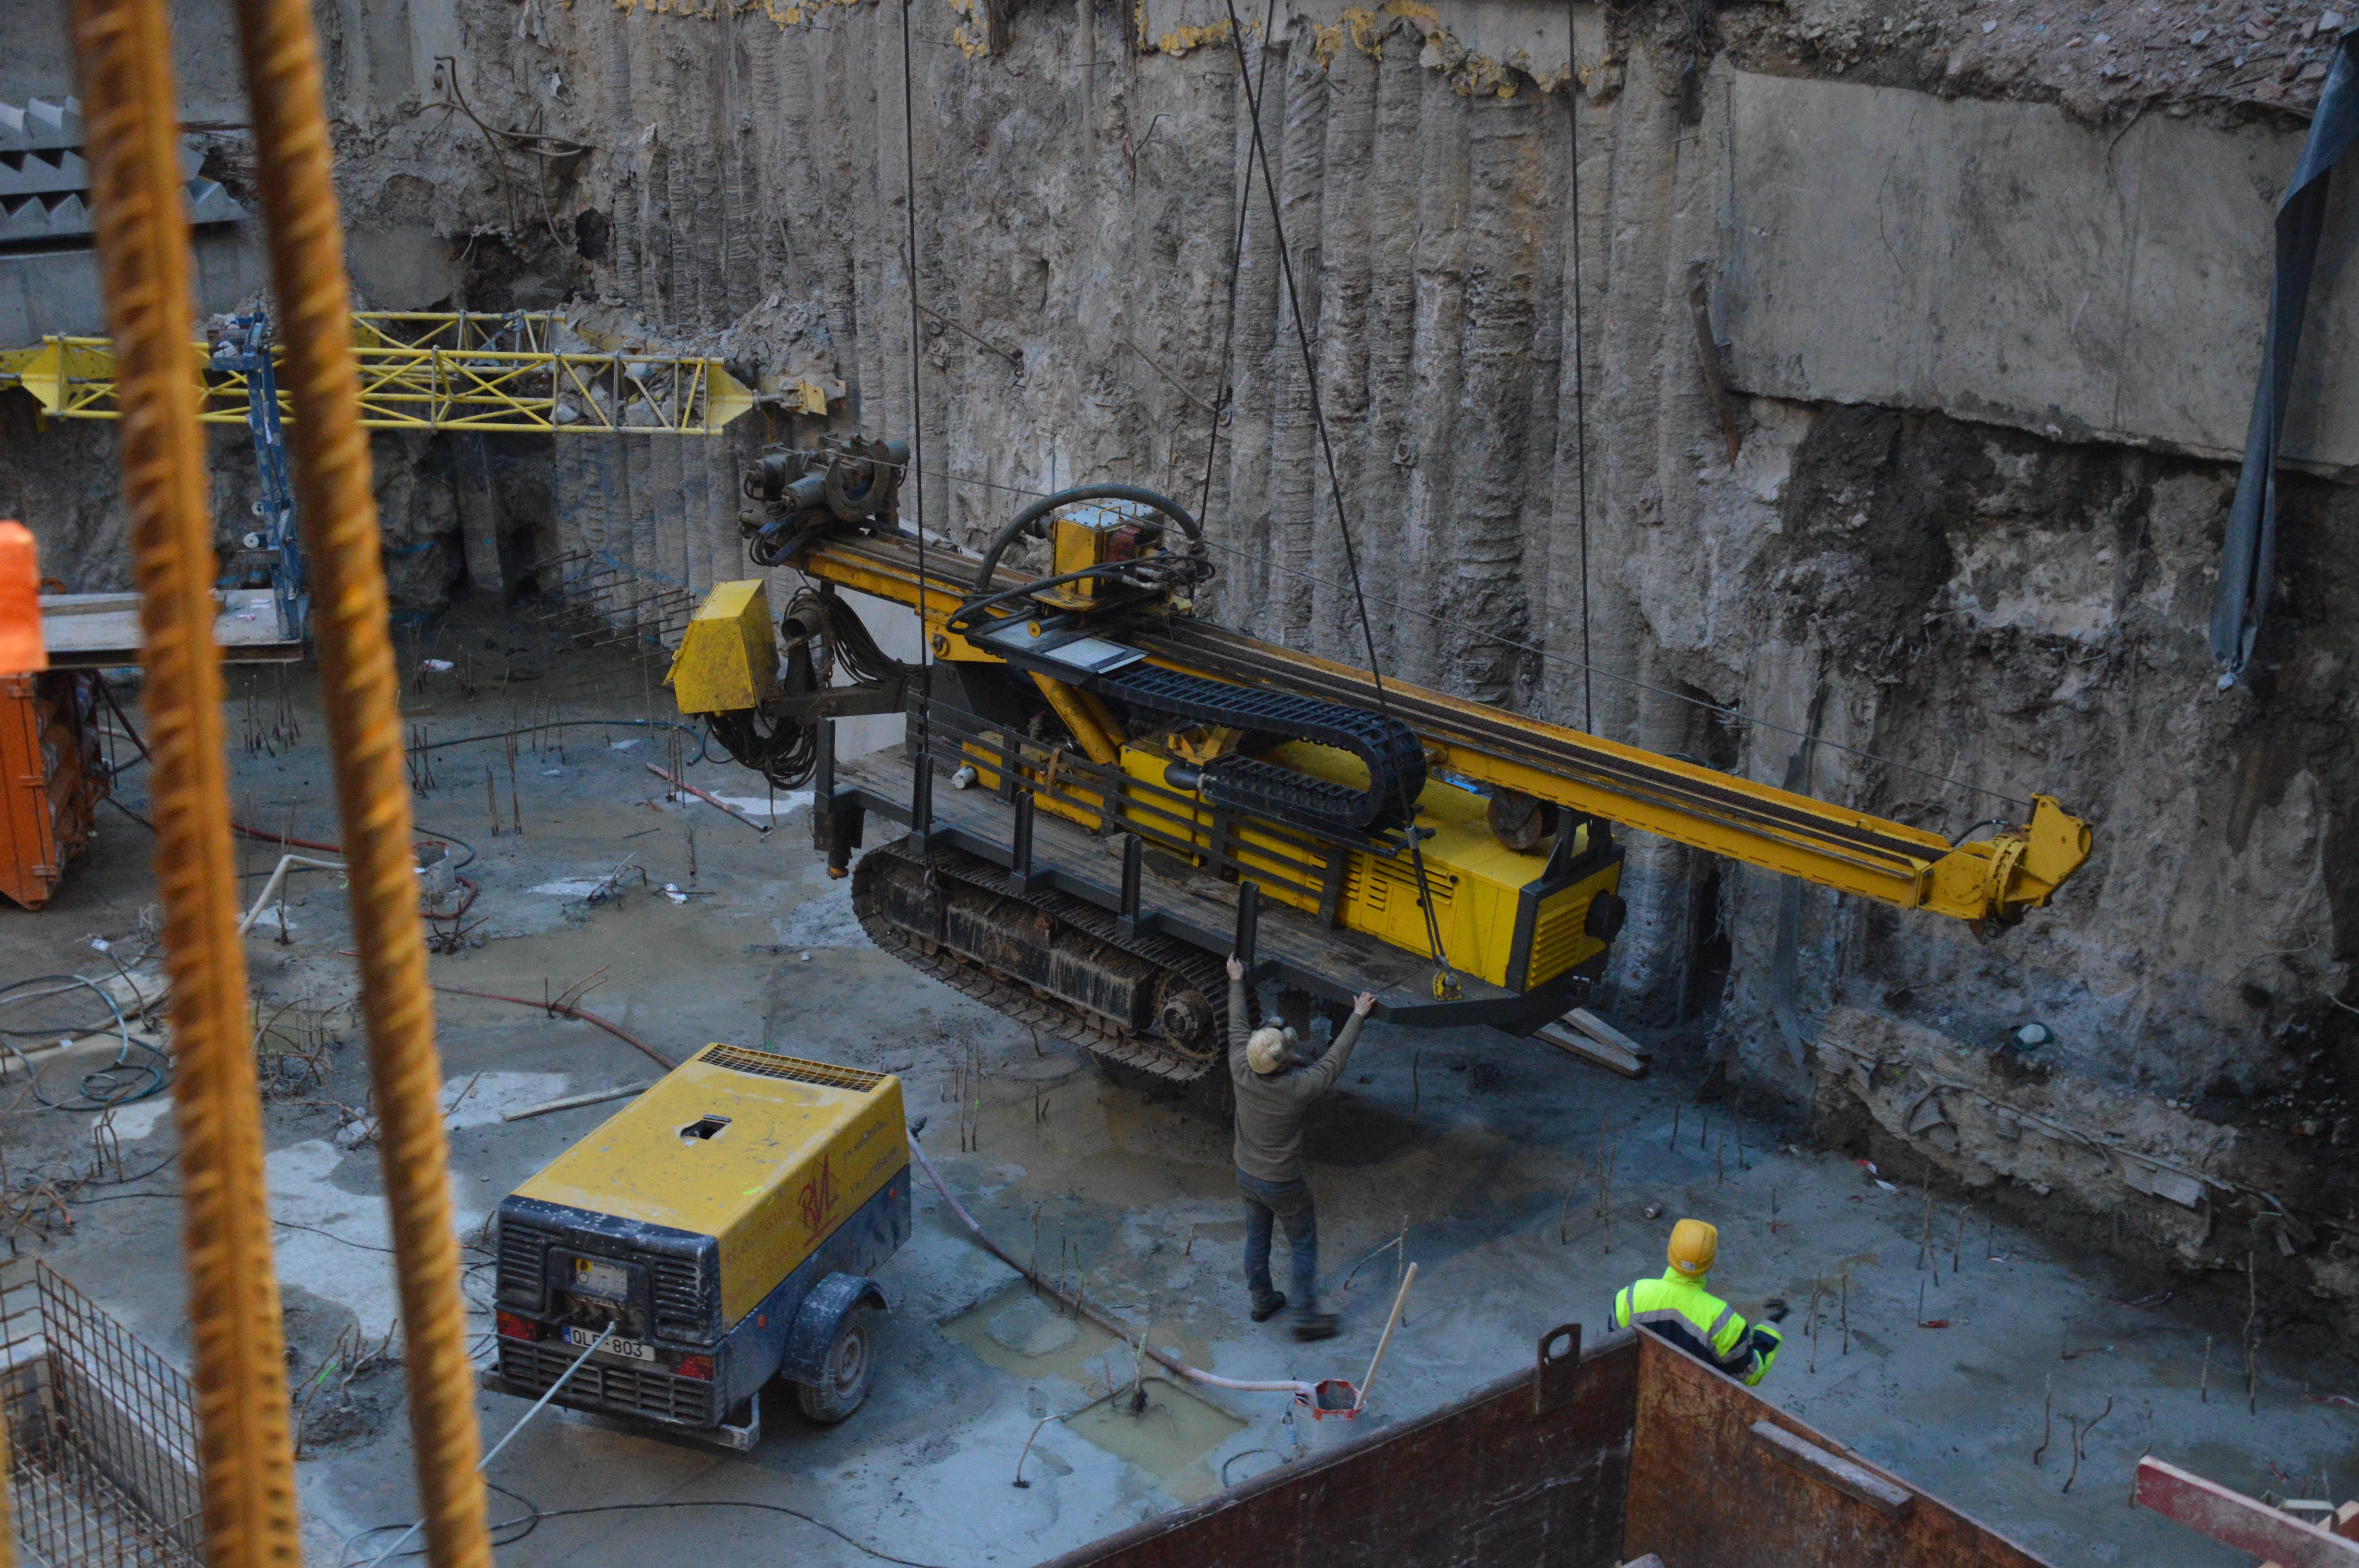 chantier-bruxelles-centre-forage-installation-pompe-puits-geothermie-eurodrill-liege-belgique-28